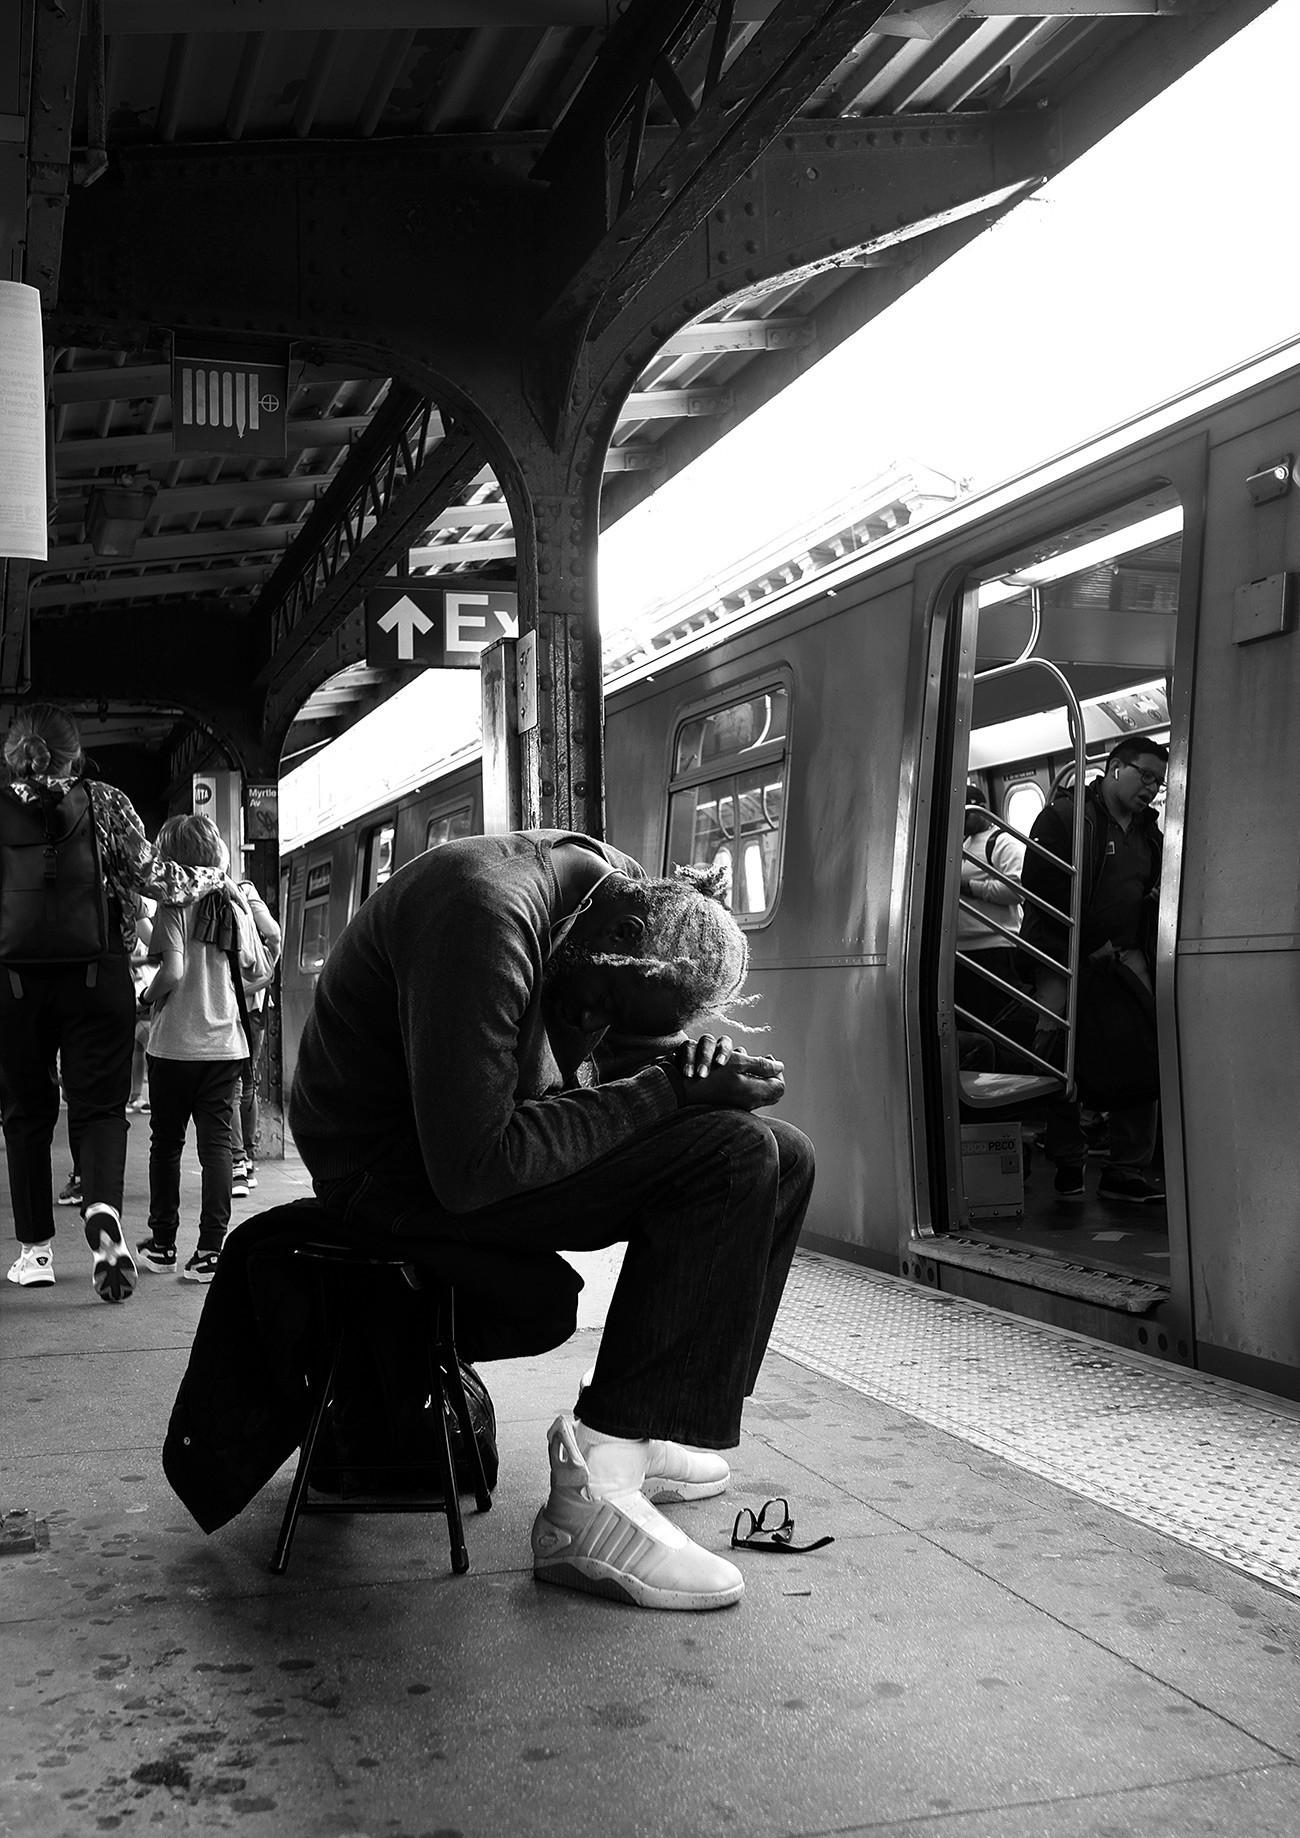 Hombre durmiendo en una plataforma